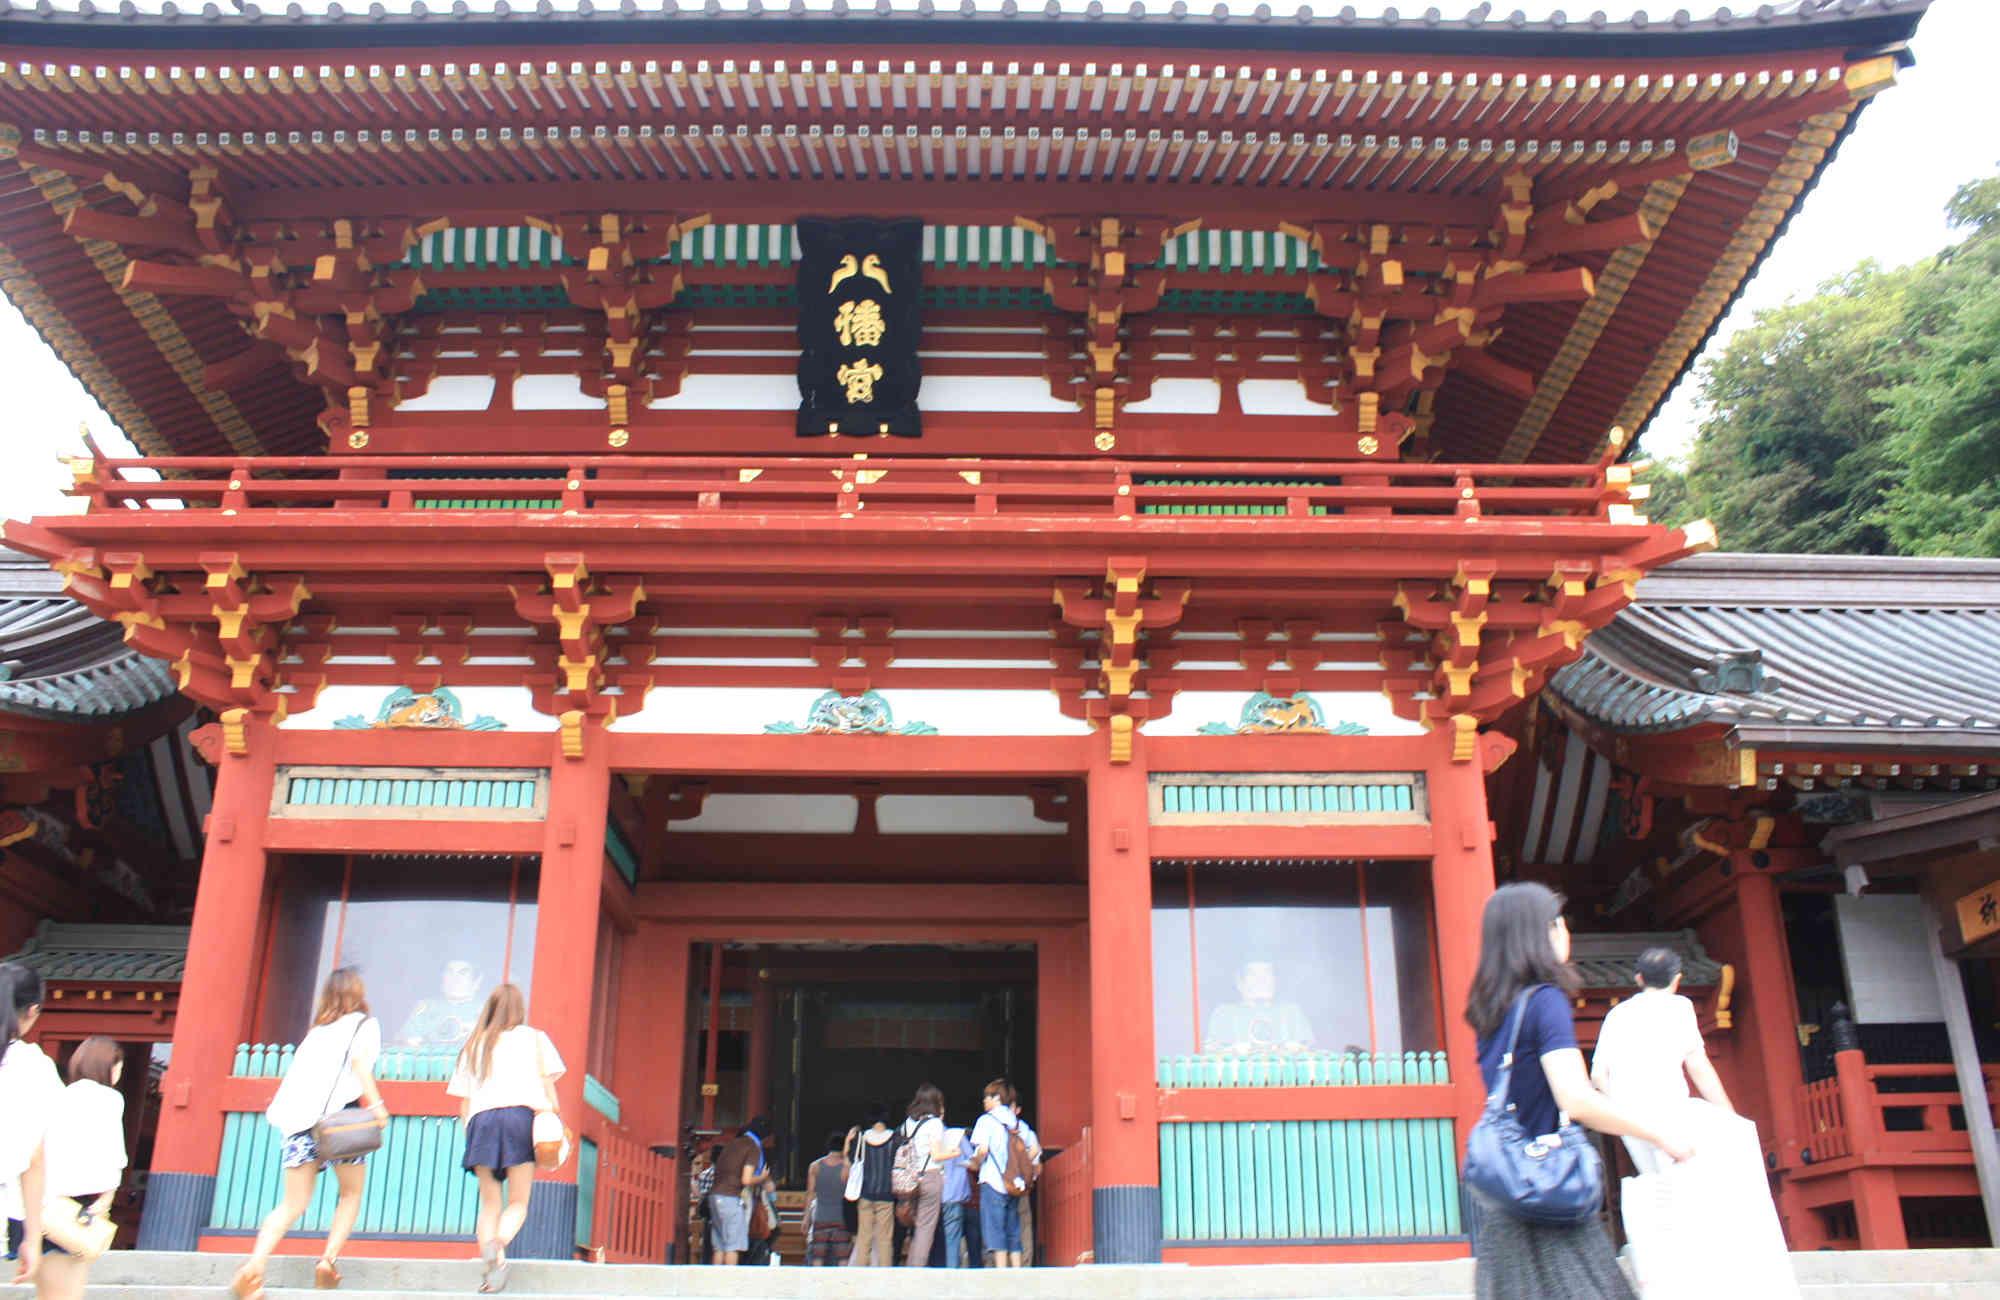 鶴岡八幡宮の楼門